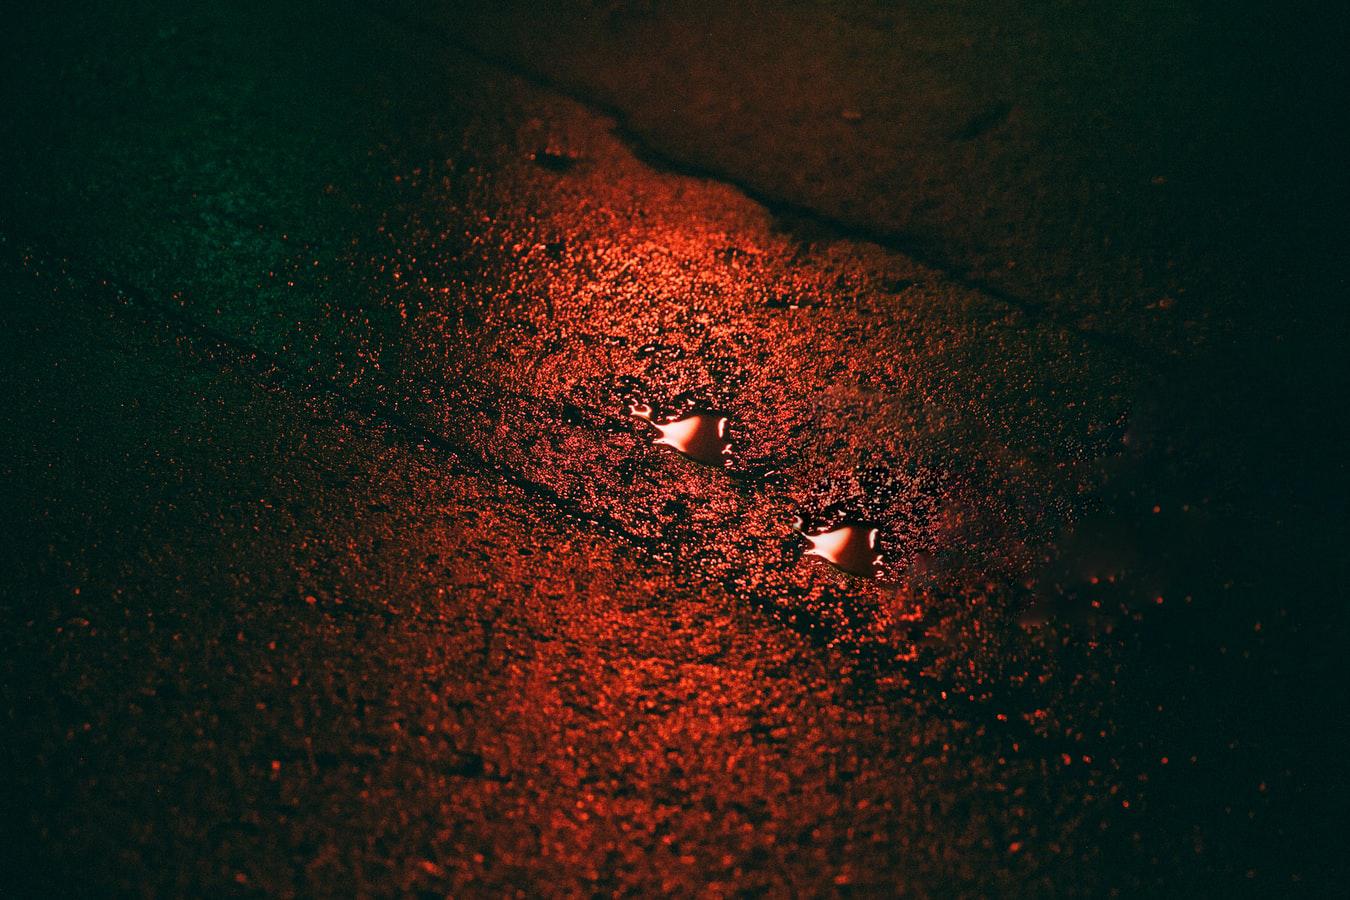 blood-spillsjpg